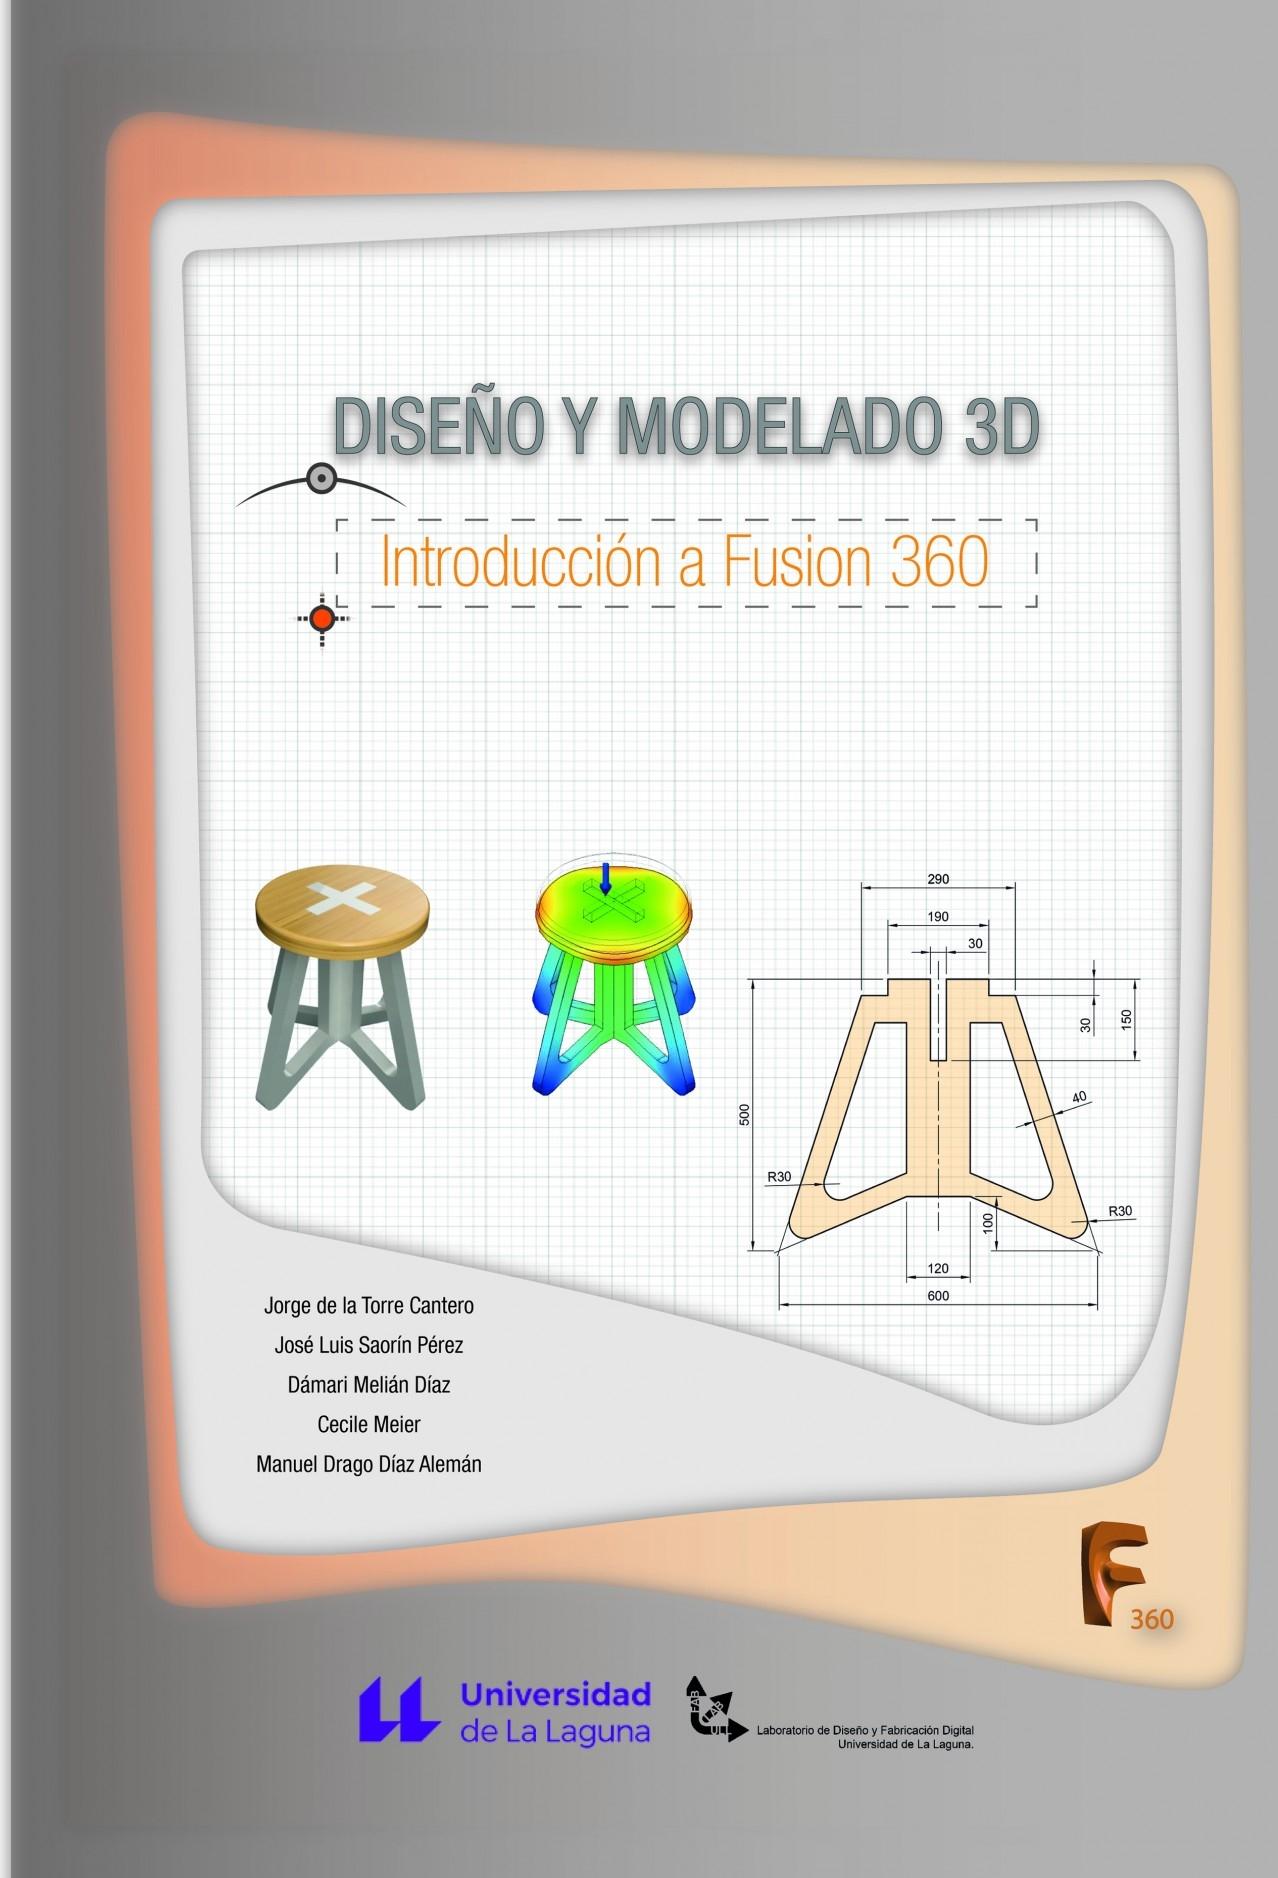 Diseño y modelado 3D  Introducción a Fusion 360